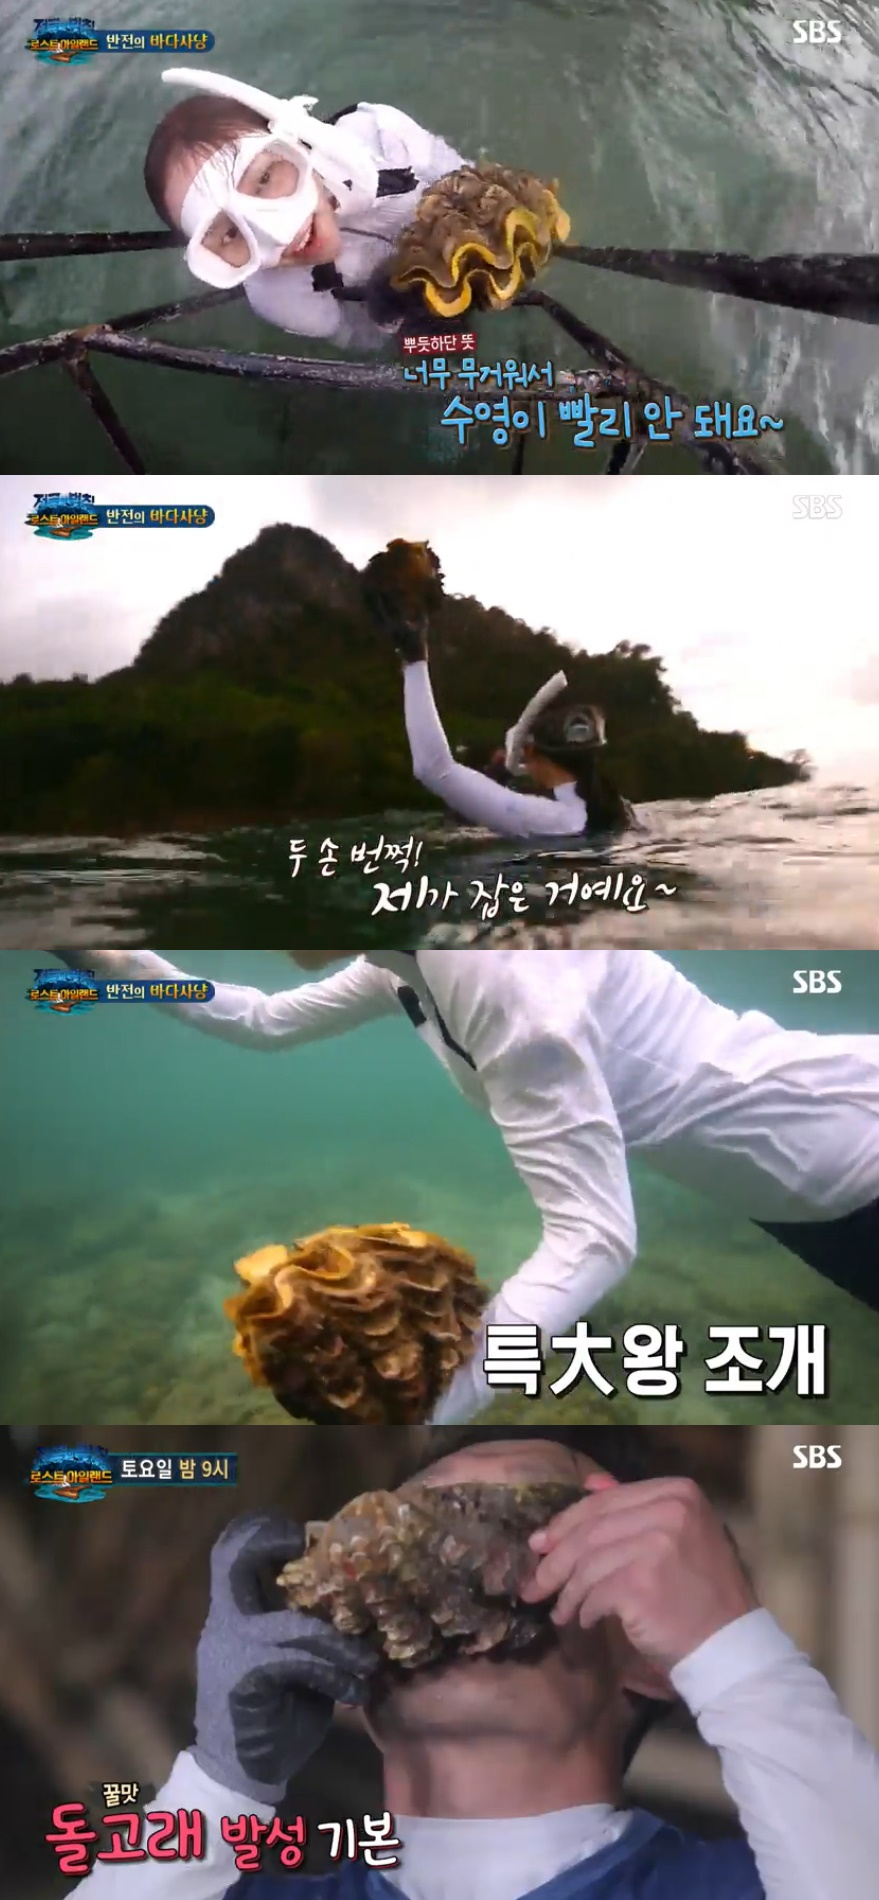 [단독]SBS, 18일 '정글' 대왕조개 논란 인사위원회..징계수위에 관심[인기릴게임|나인 토토]